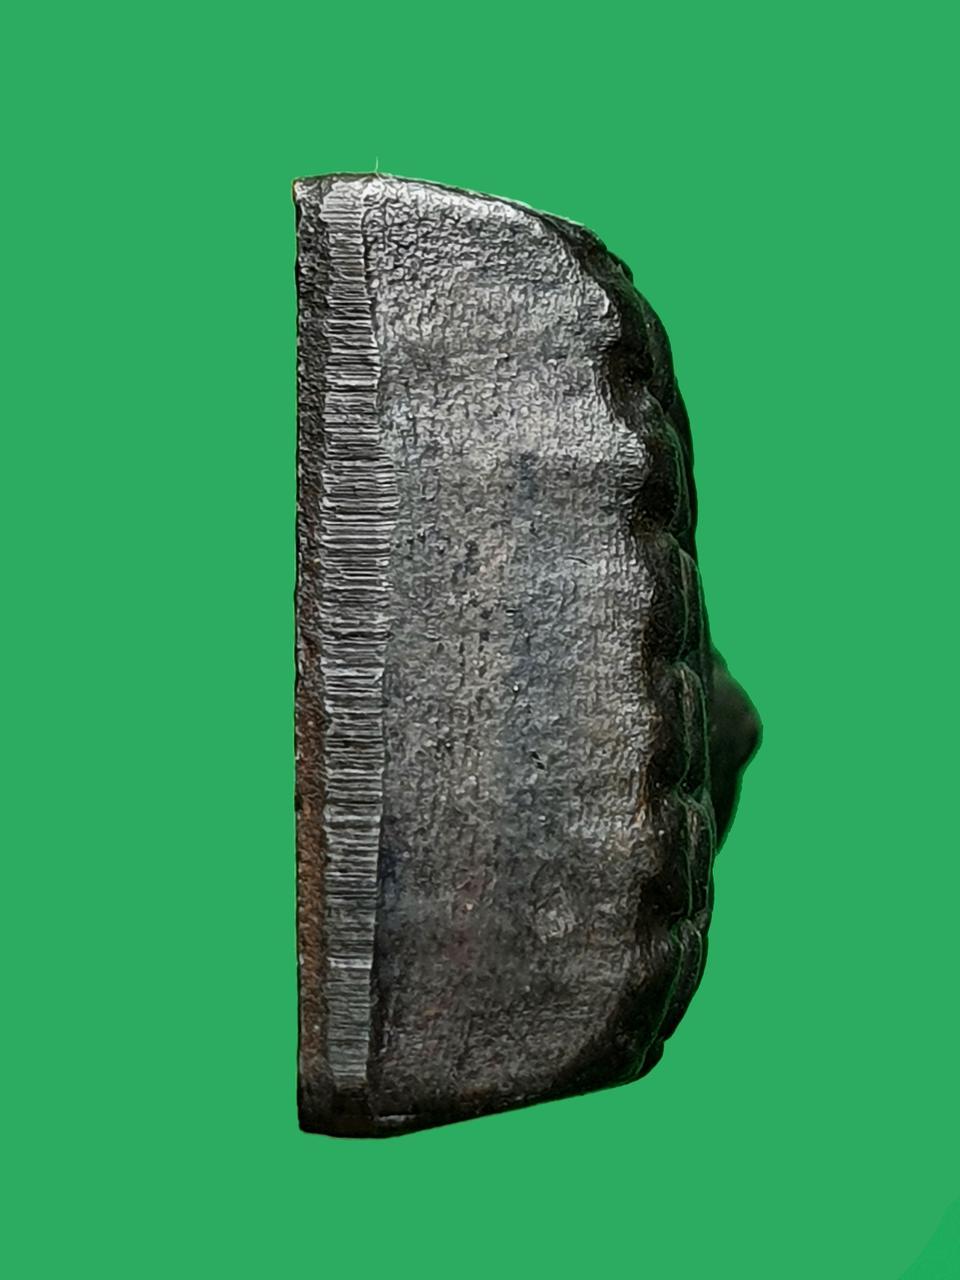 พระหลวงปู่ทวด เตารีดหลังหนัง พิมพ์เล็ก ท. วัดช้างให้ ปี 2506 รูปที่ 5